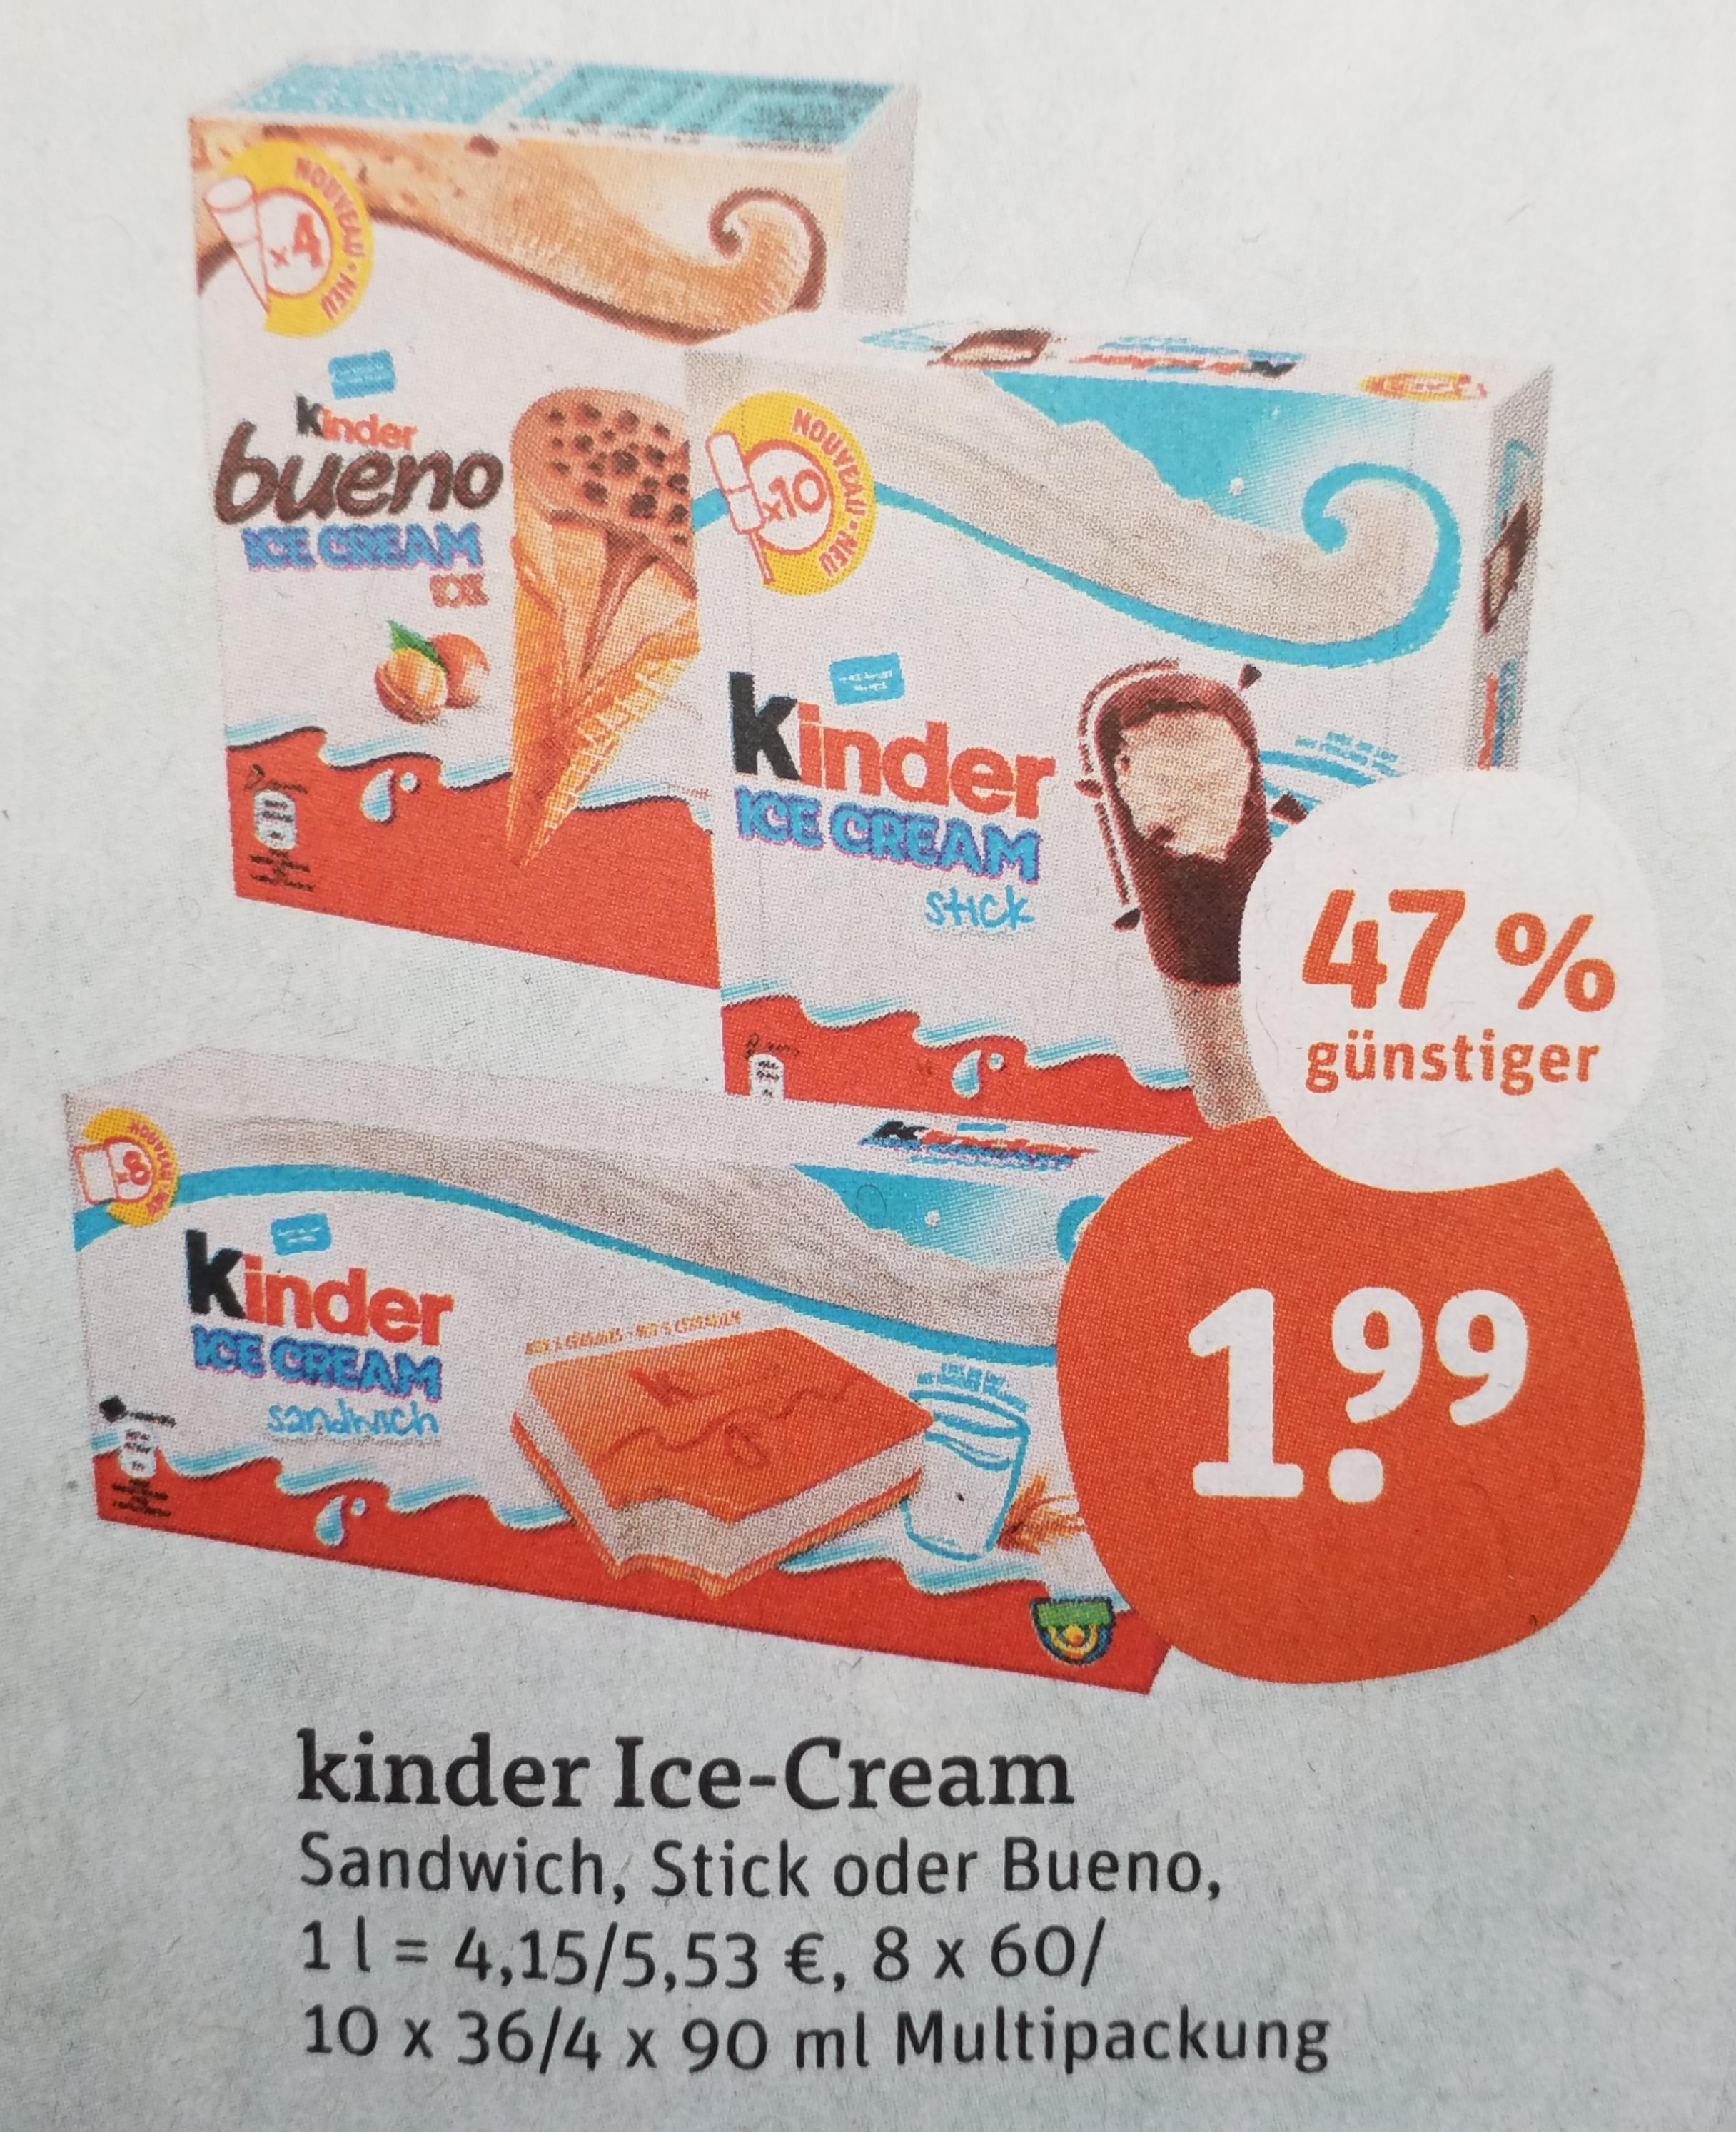 [tegut] Kinder Ice-Cream Bueno, Sandwich oder Stick Eis für 1,49€ dank Coupon